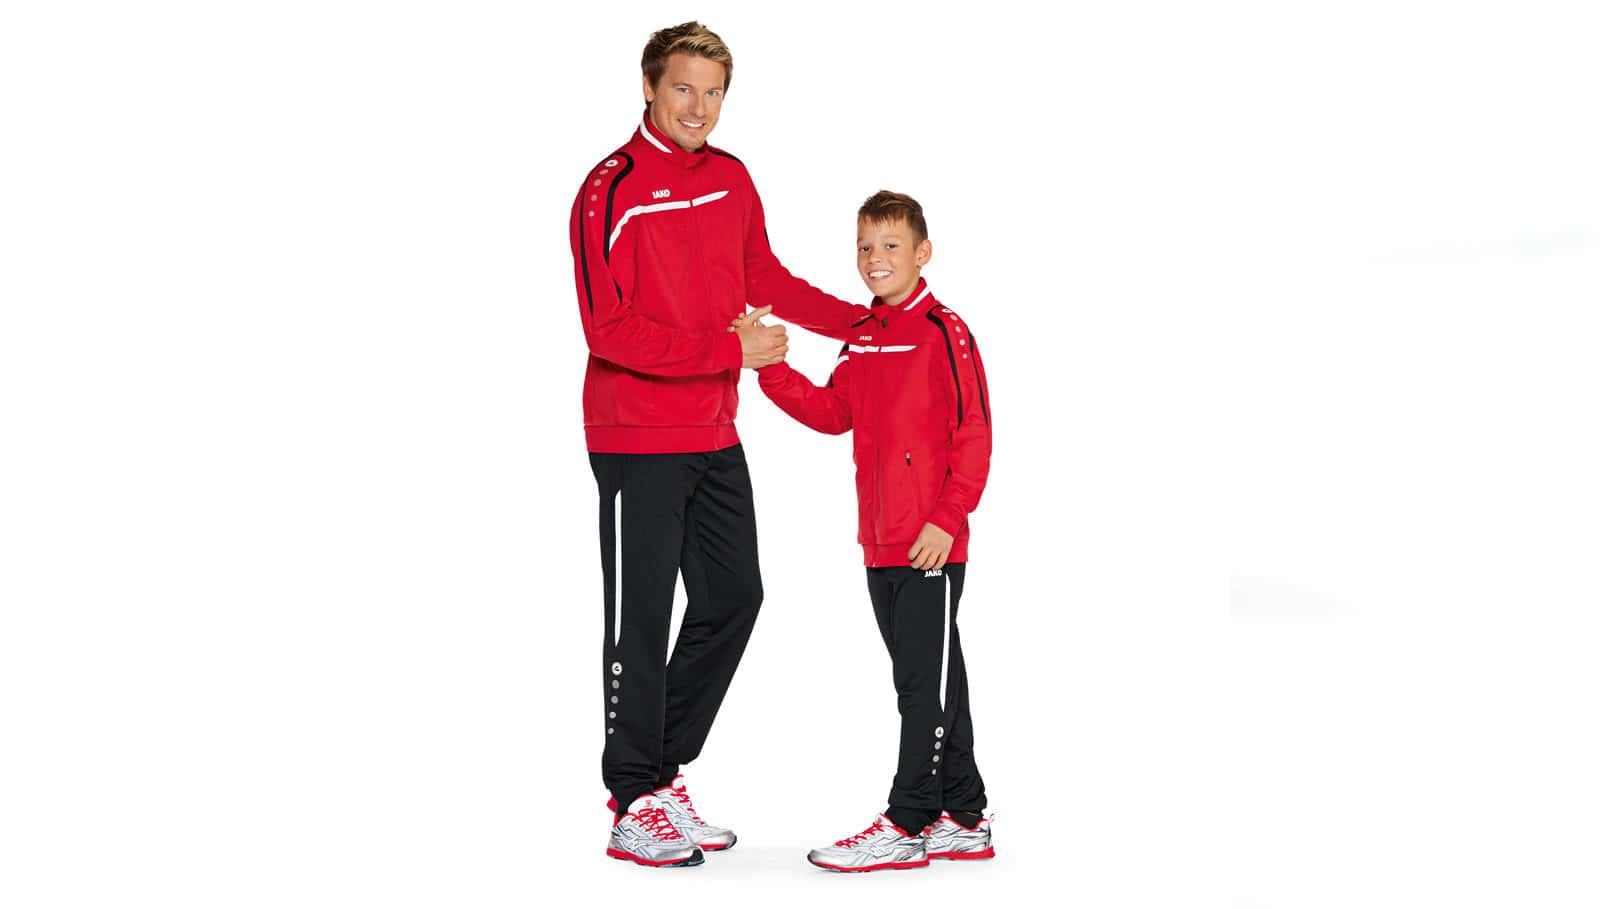 Ausverkauf Markenqualität beste Qualität für Präsentationsanzug oder Polyesteranzug für Kinder?